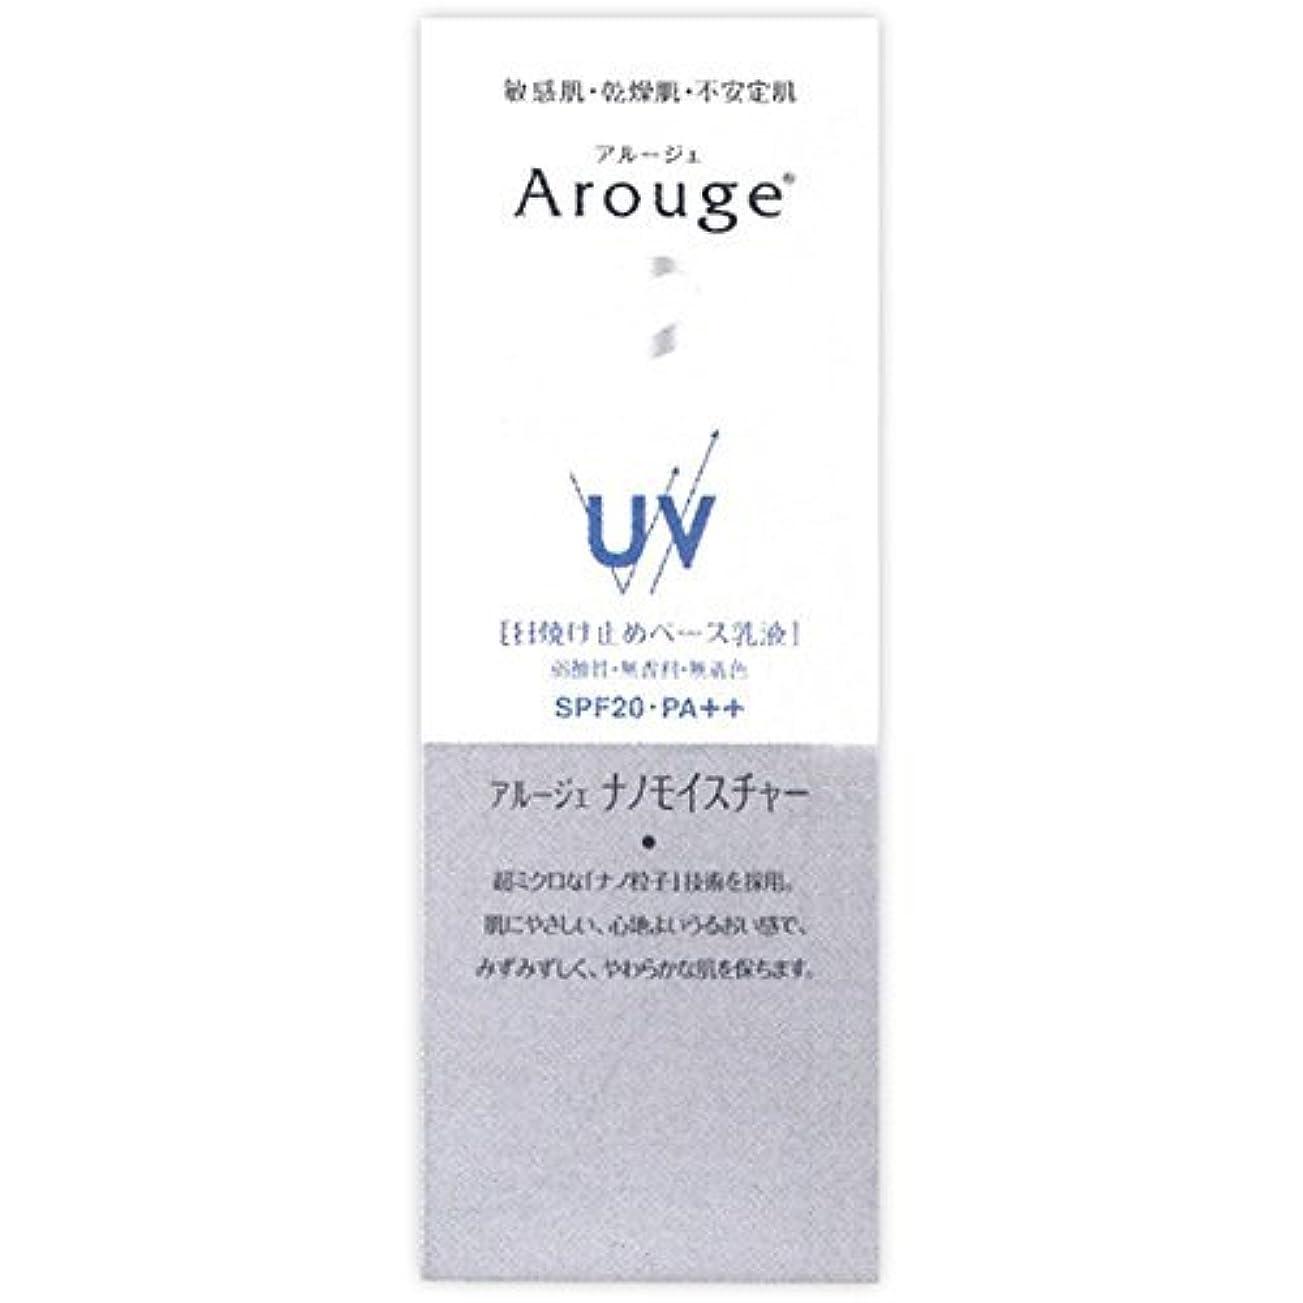 どんなときもおっと金銭的アルージェ UV モイストビューティーアップ日焼け止めベース乳液25g (SPF20?PA++)